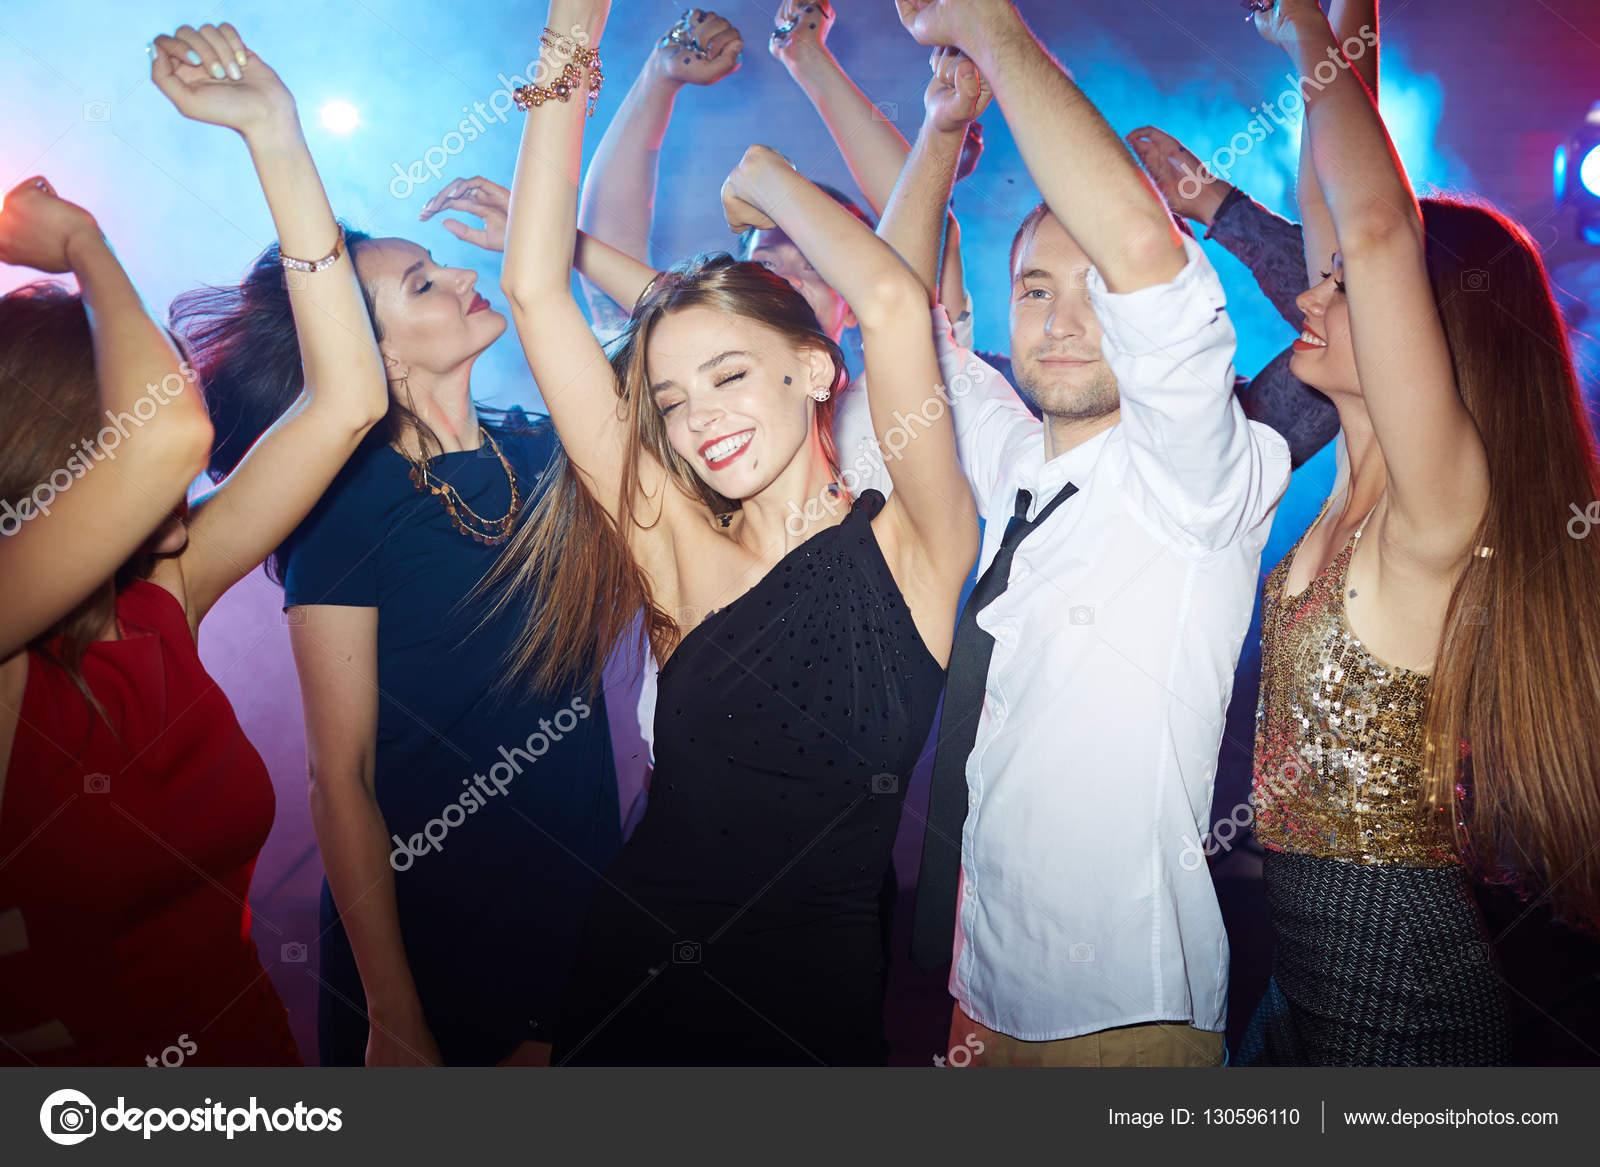 恍惚 恍惚とした人々 がディスコ ダンスを楽しんで — ストック写真